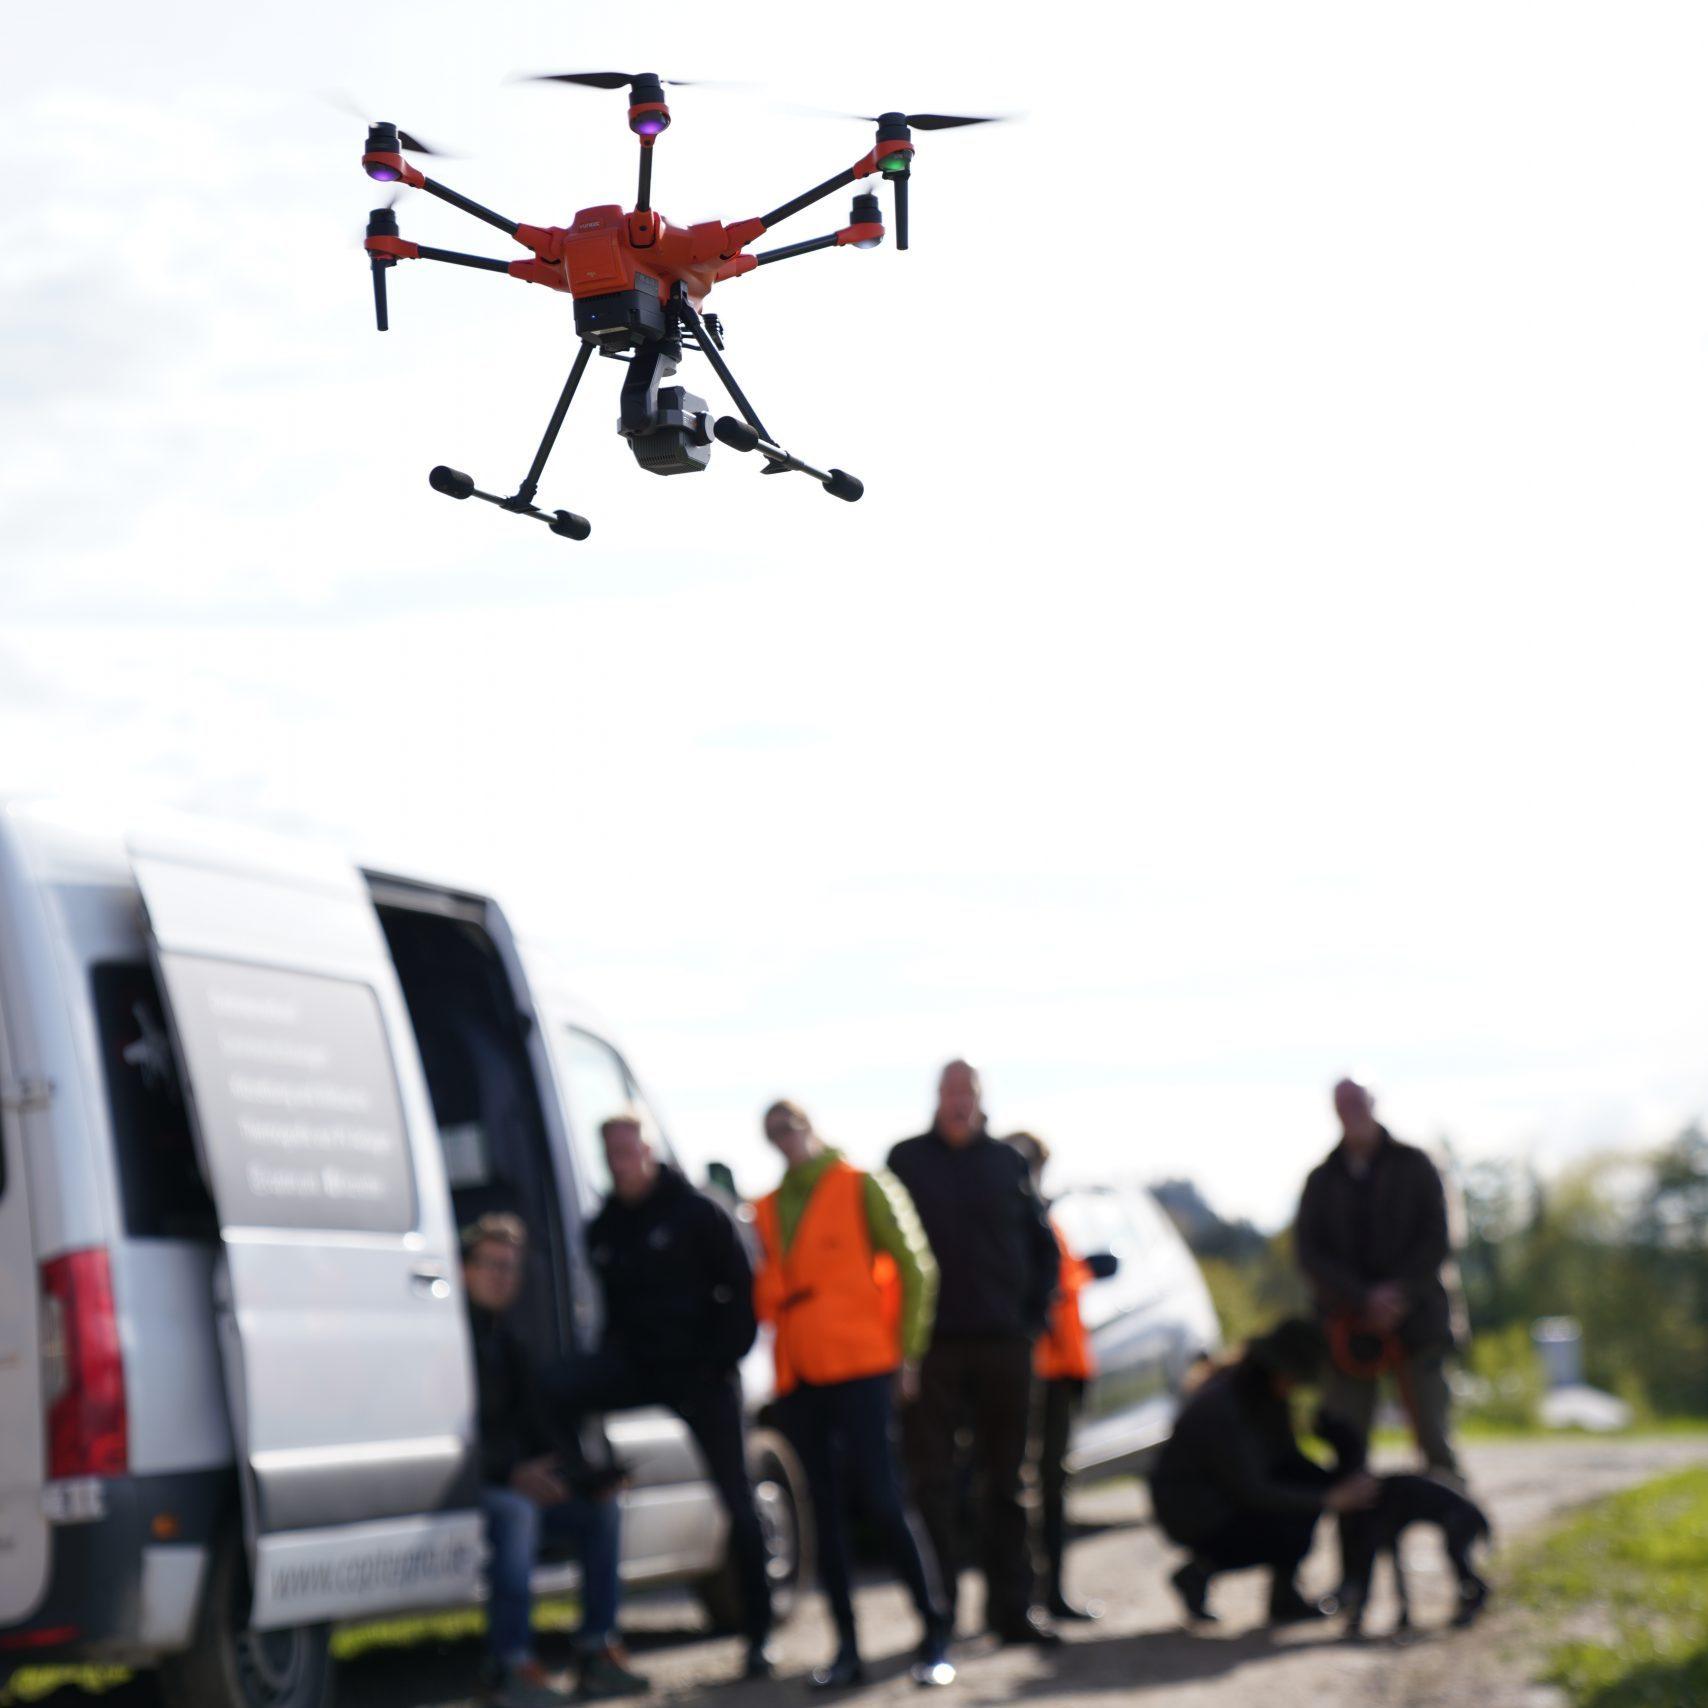 Drohnenschulung für Yuneec und DJI Drohnen mit Wärmebildkamera